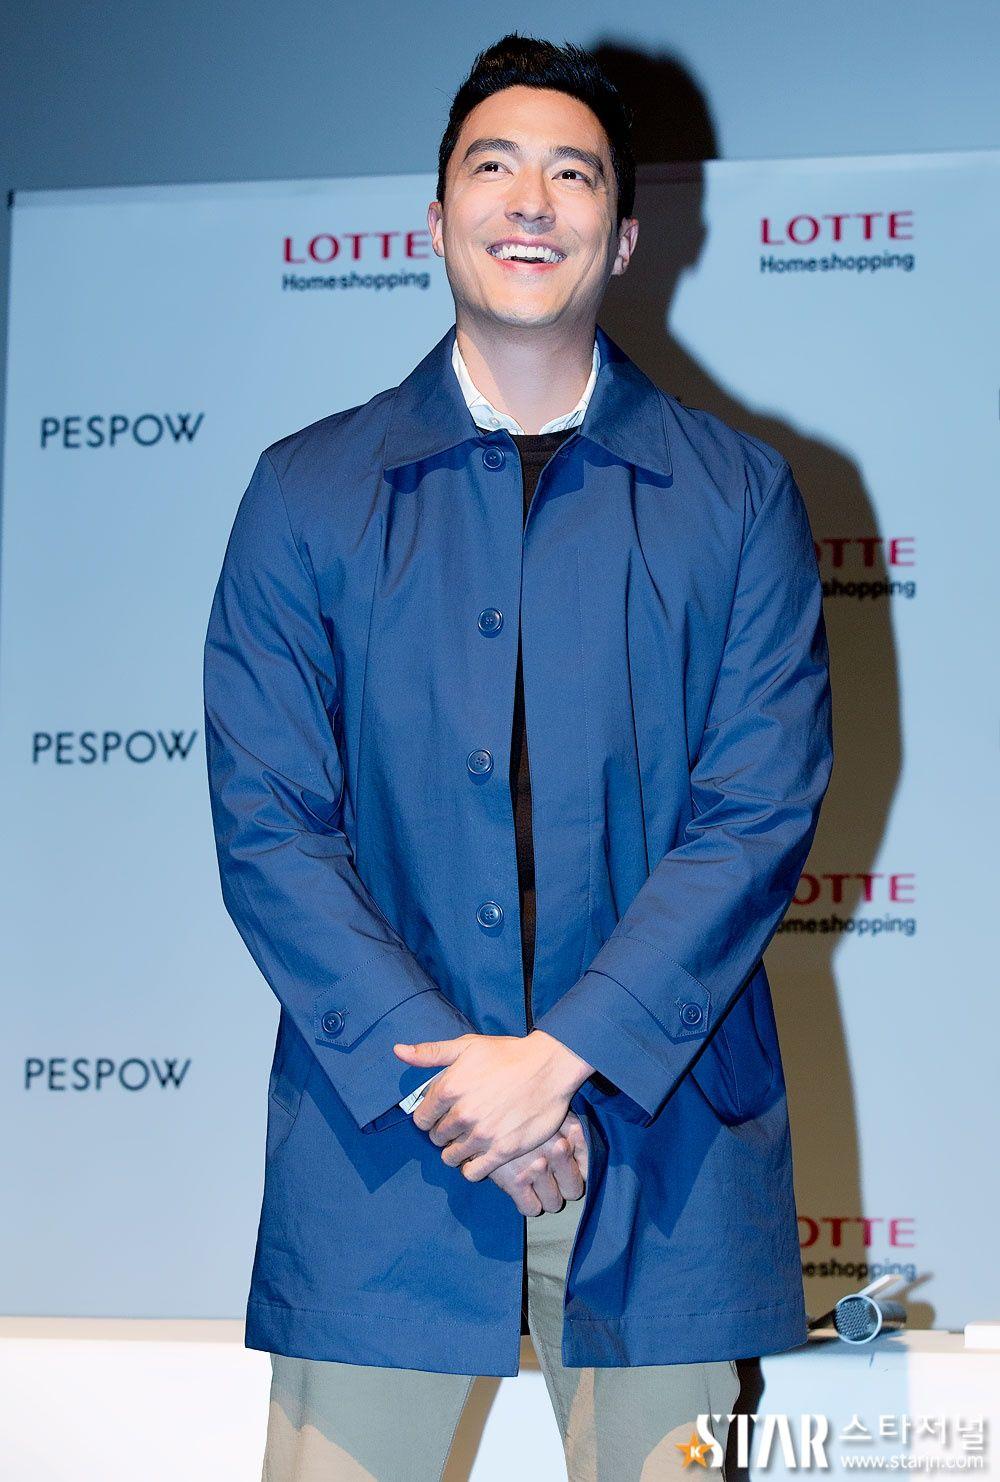 [Star foto UP] Daniel Henney (Daniel Henney) 'a sorrir naturalmente para muitos fãs do sexo feminino animar ~': # www.starjn.com Journal Star